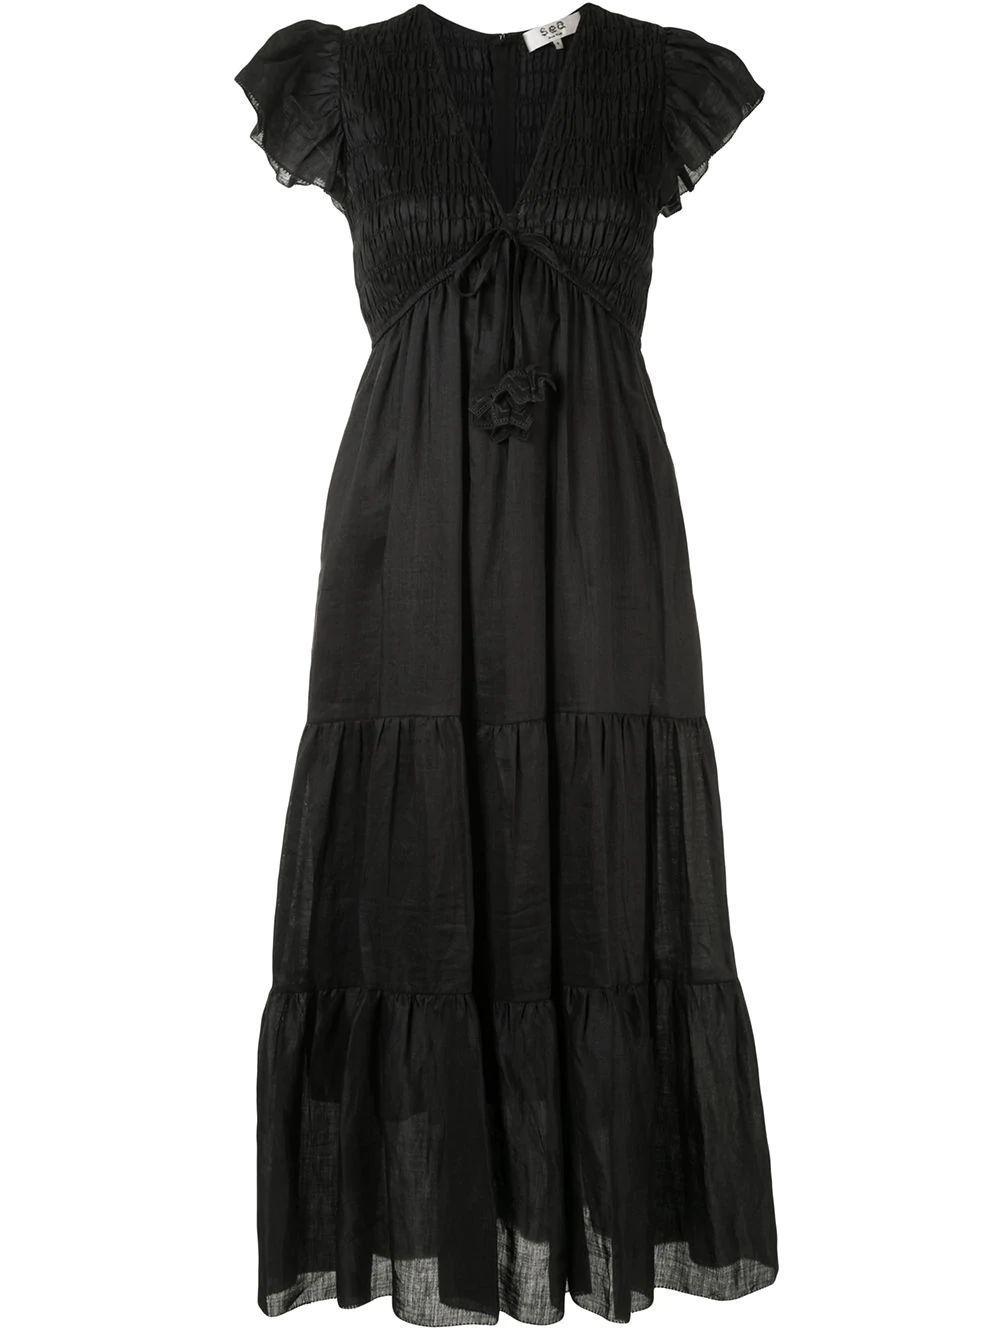 Zig Zag Maxi Dress Item # AW20-126